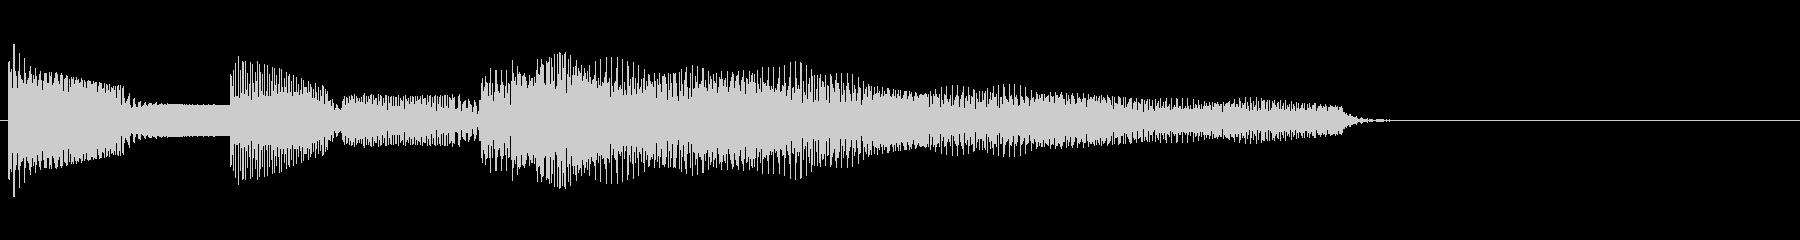 場面転換時の音の未再生の波形